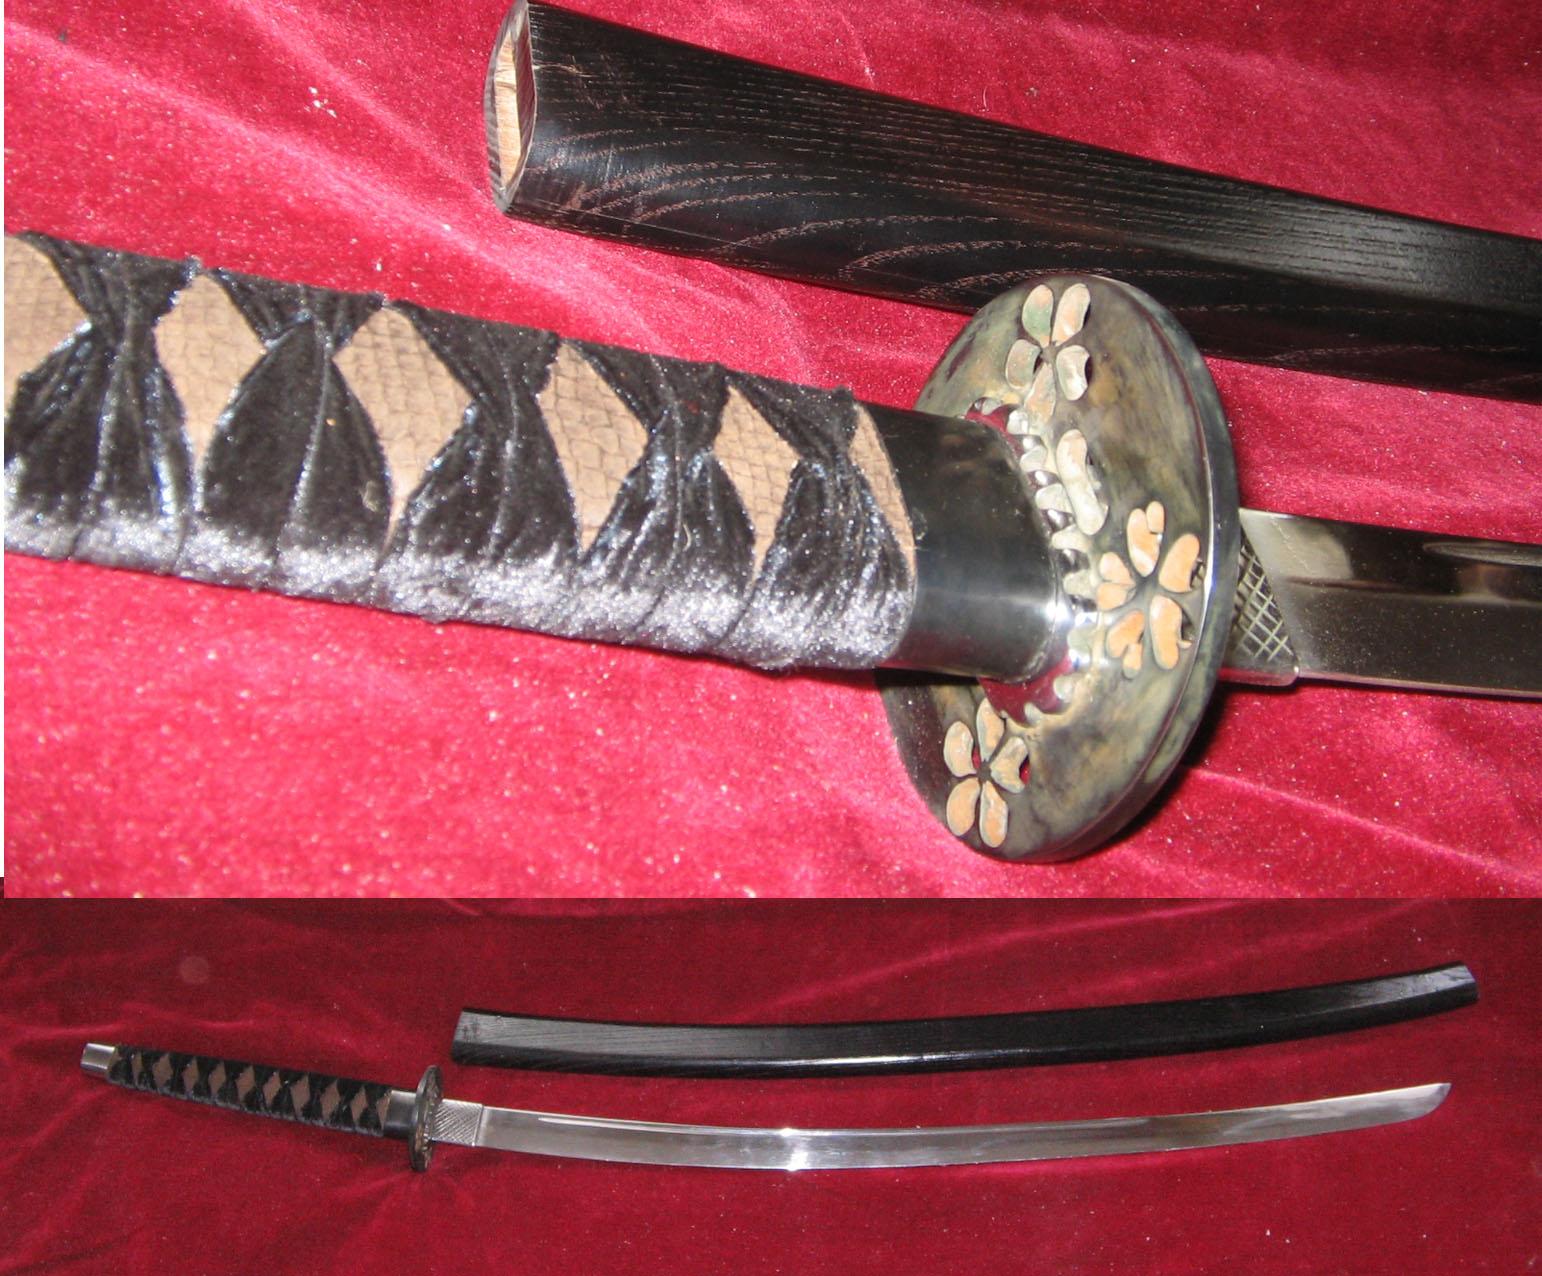 Купить клинковое оружие оптом и в розницу оптом и в ...: http://gladiator-tula.ru/katalog/klinkovoe-oruzhie-dalnego-vostoka/katana-sw-106